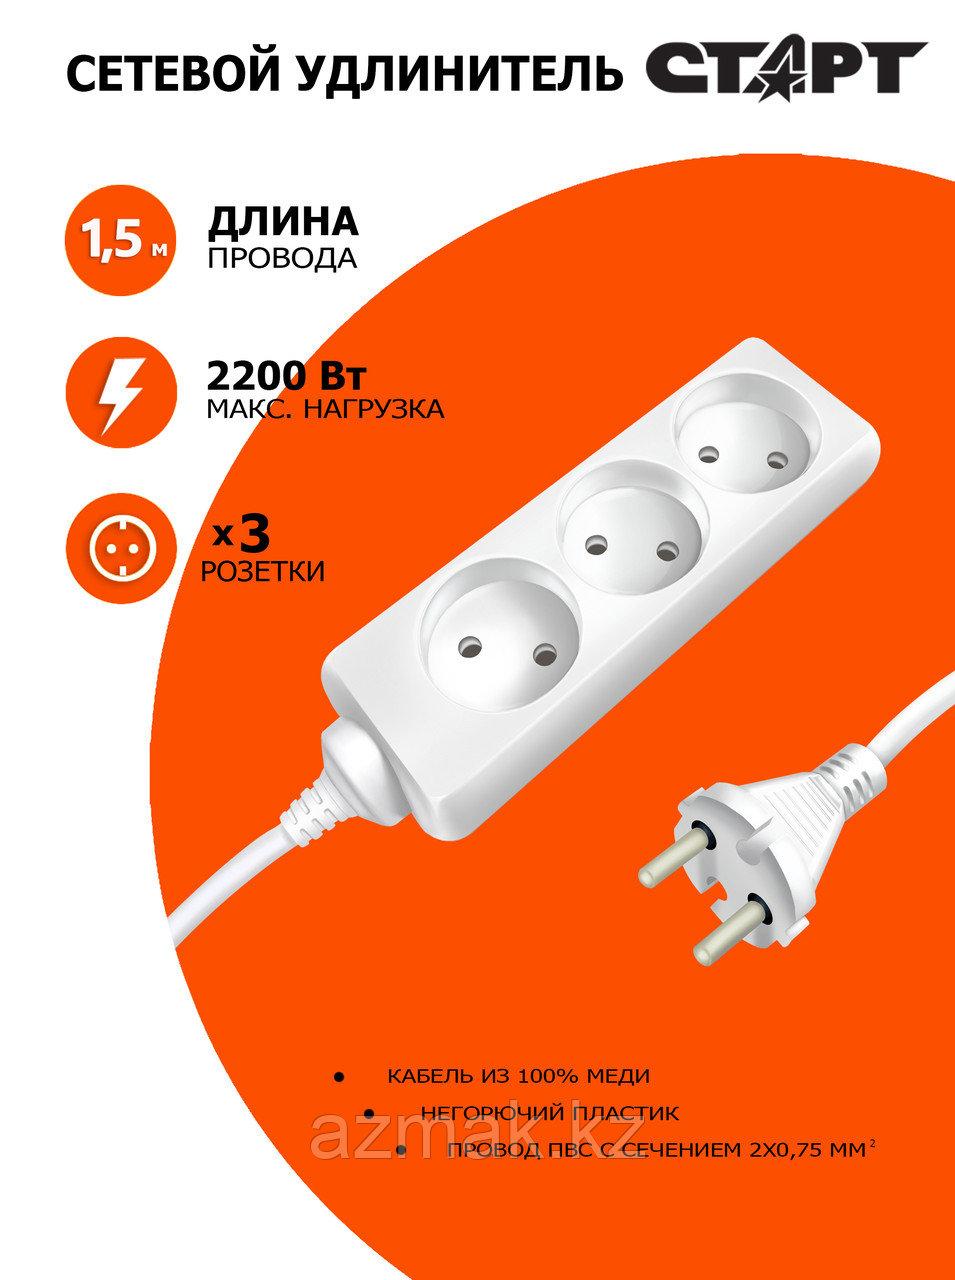 Удлинитель СТАРТ S 3x1 (3 розетки 1,5 метра) (РОССИЯ)